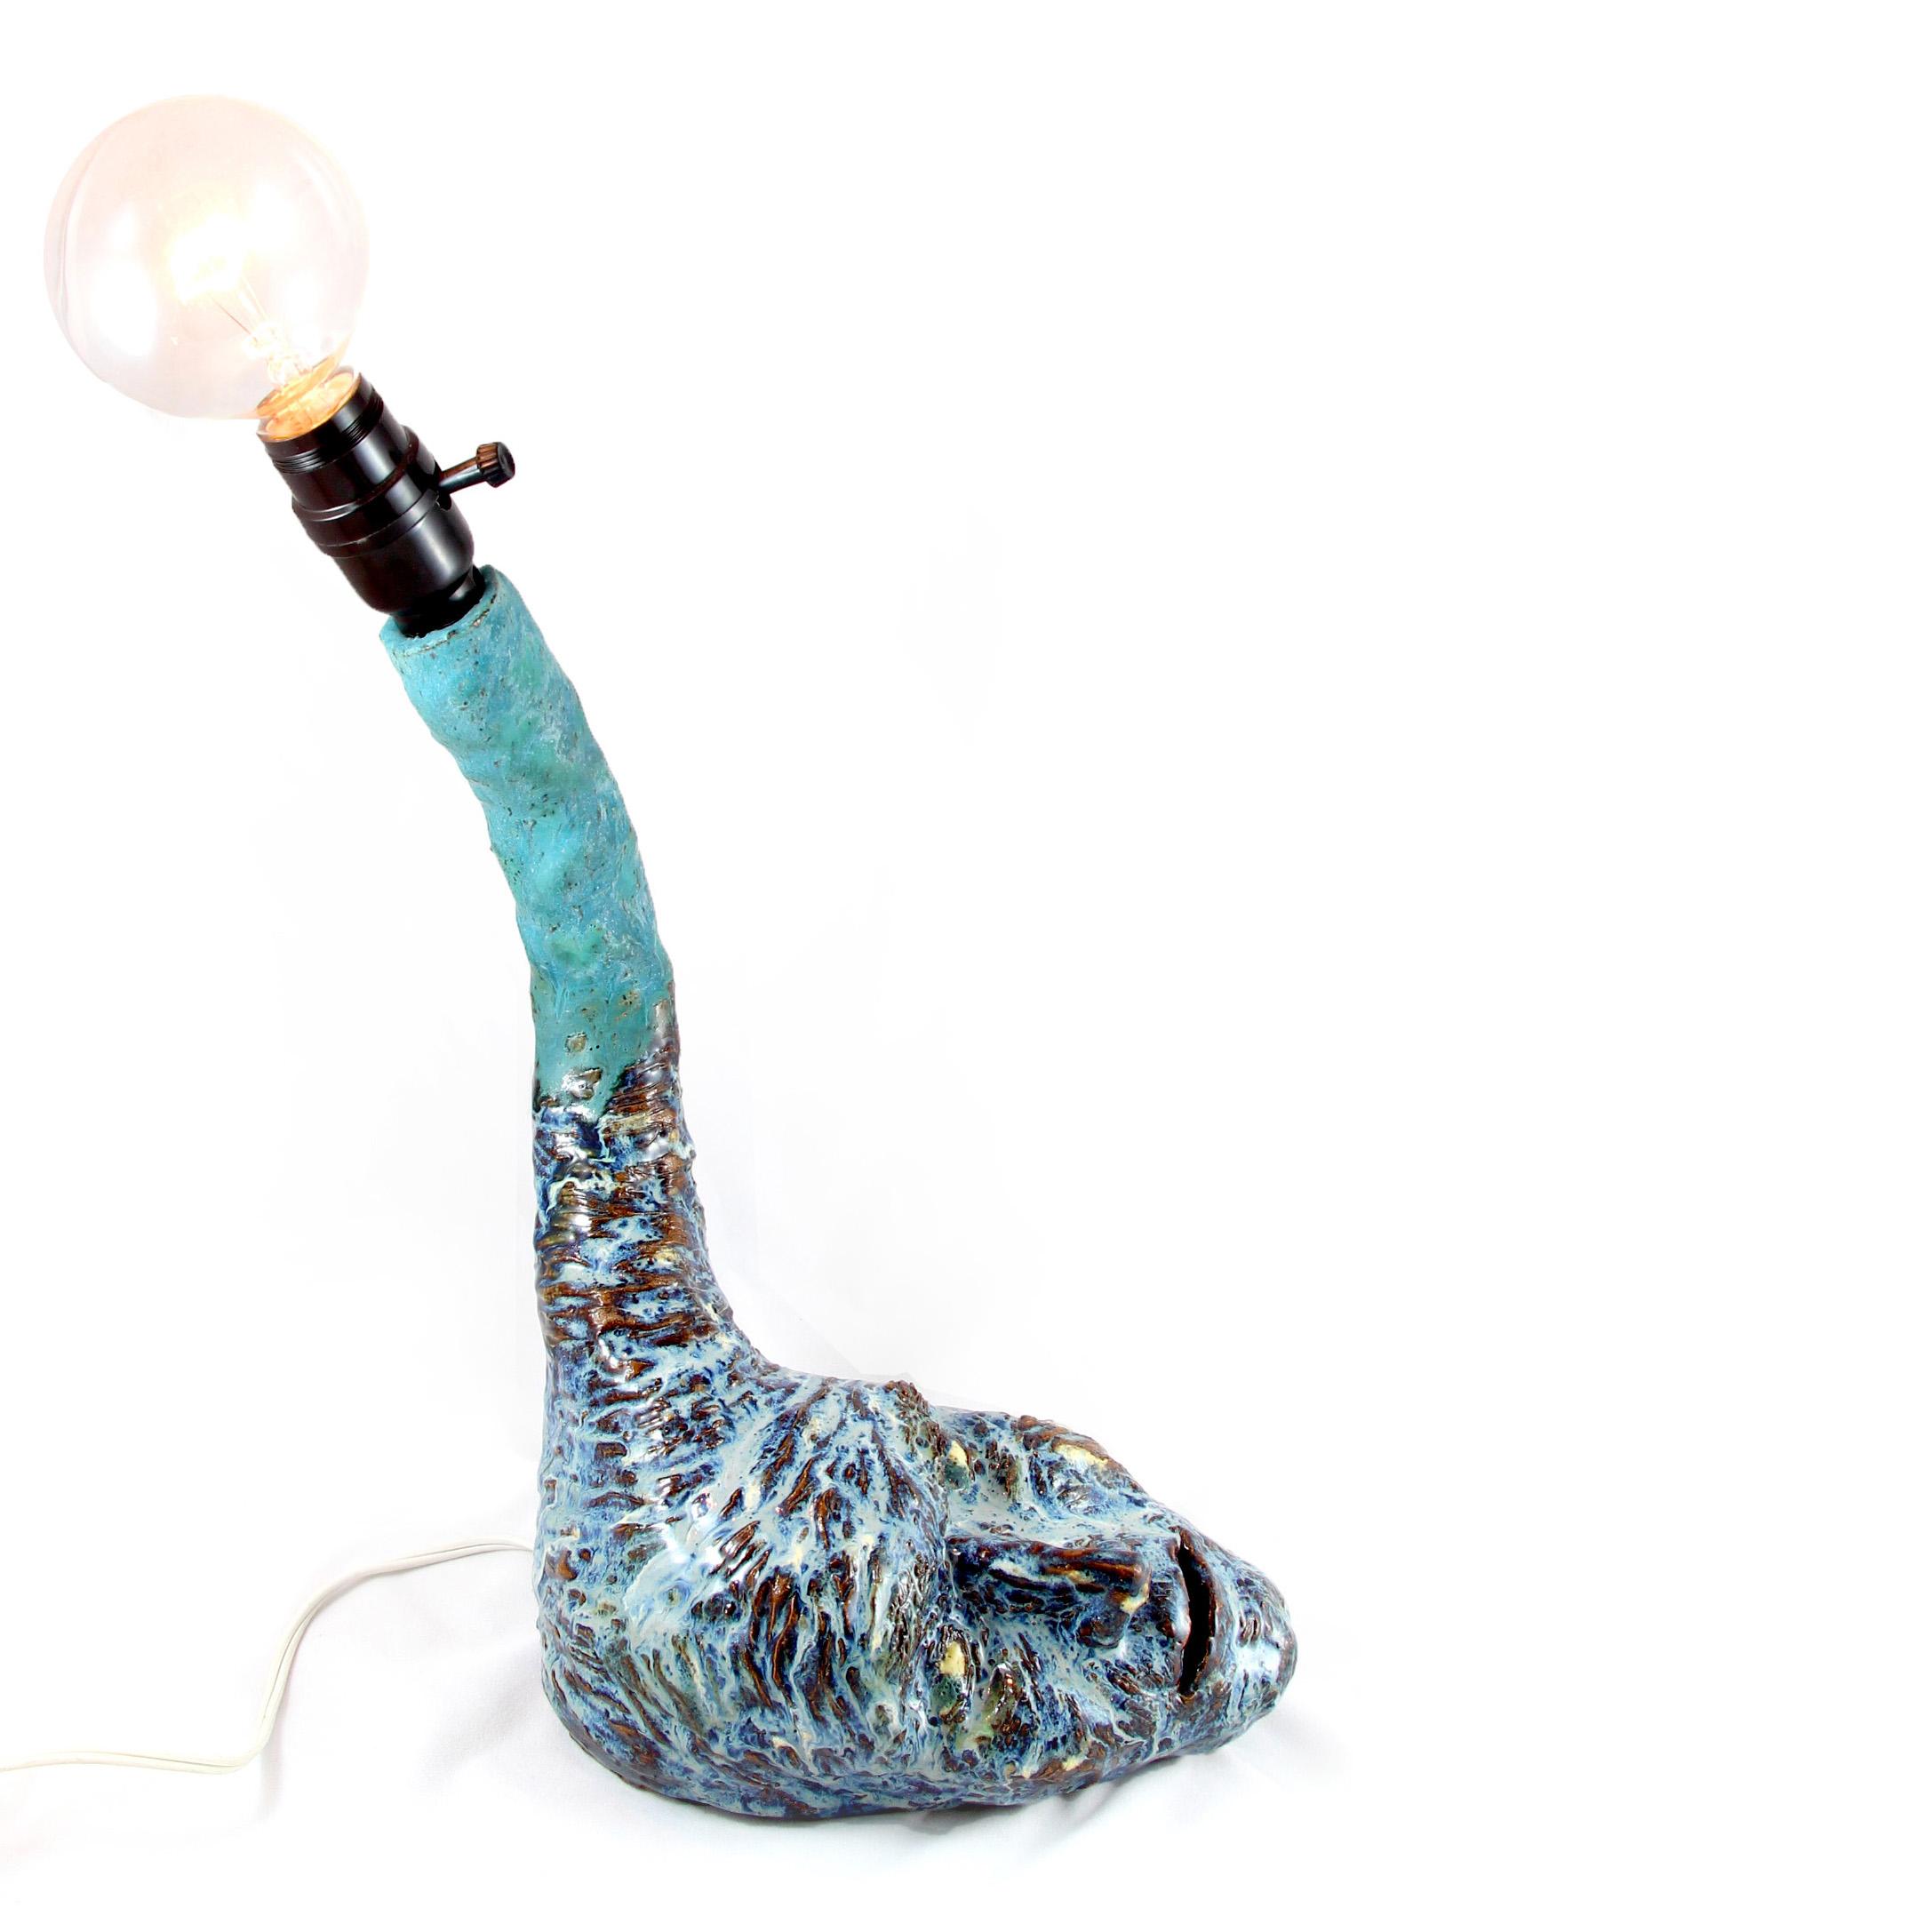 2Zackin_lamp1.jpg